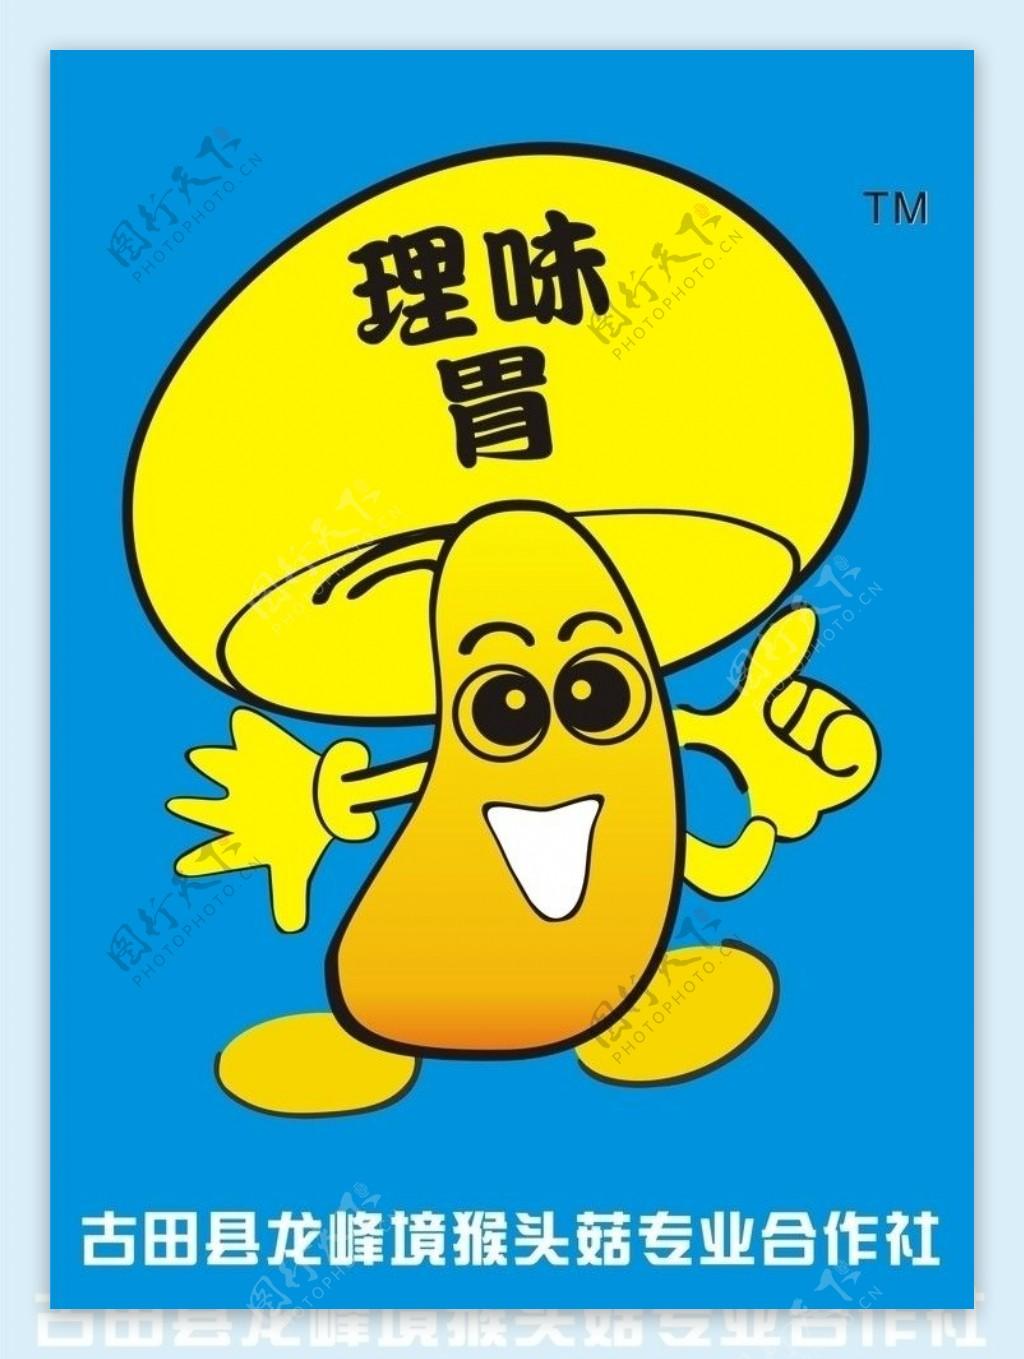 理味胃食用菌商标图图片